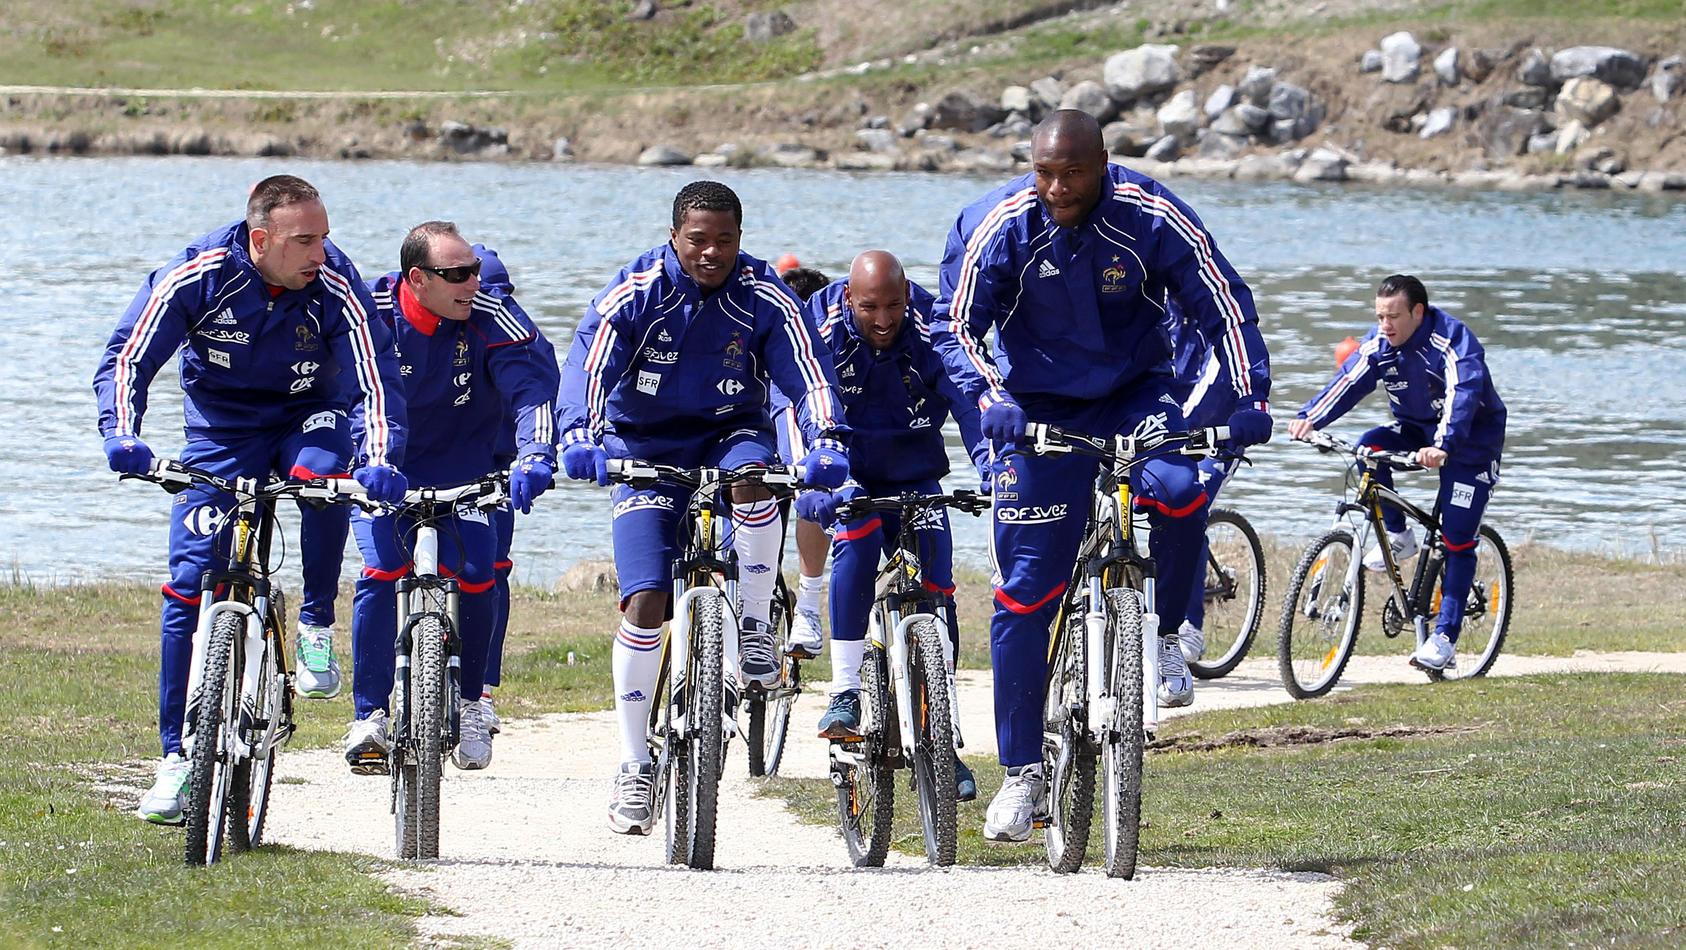 WM Frankreich 2010